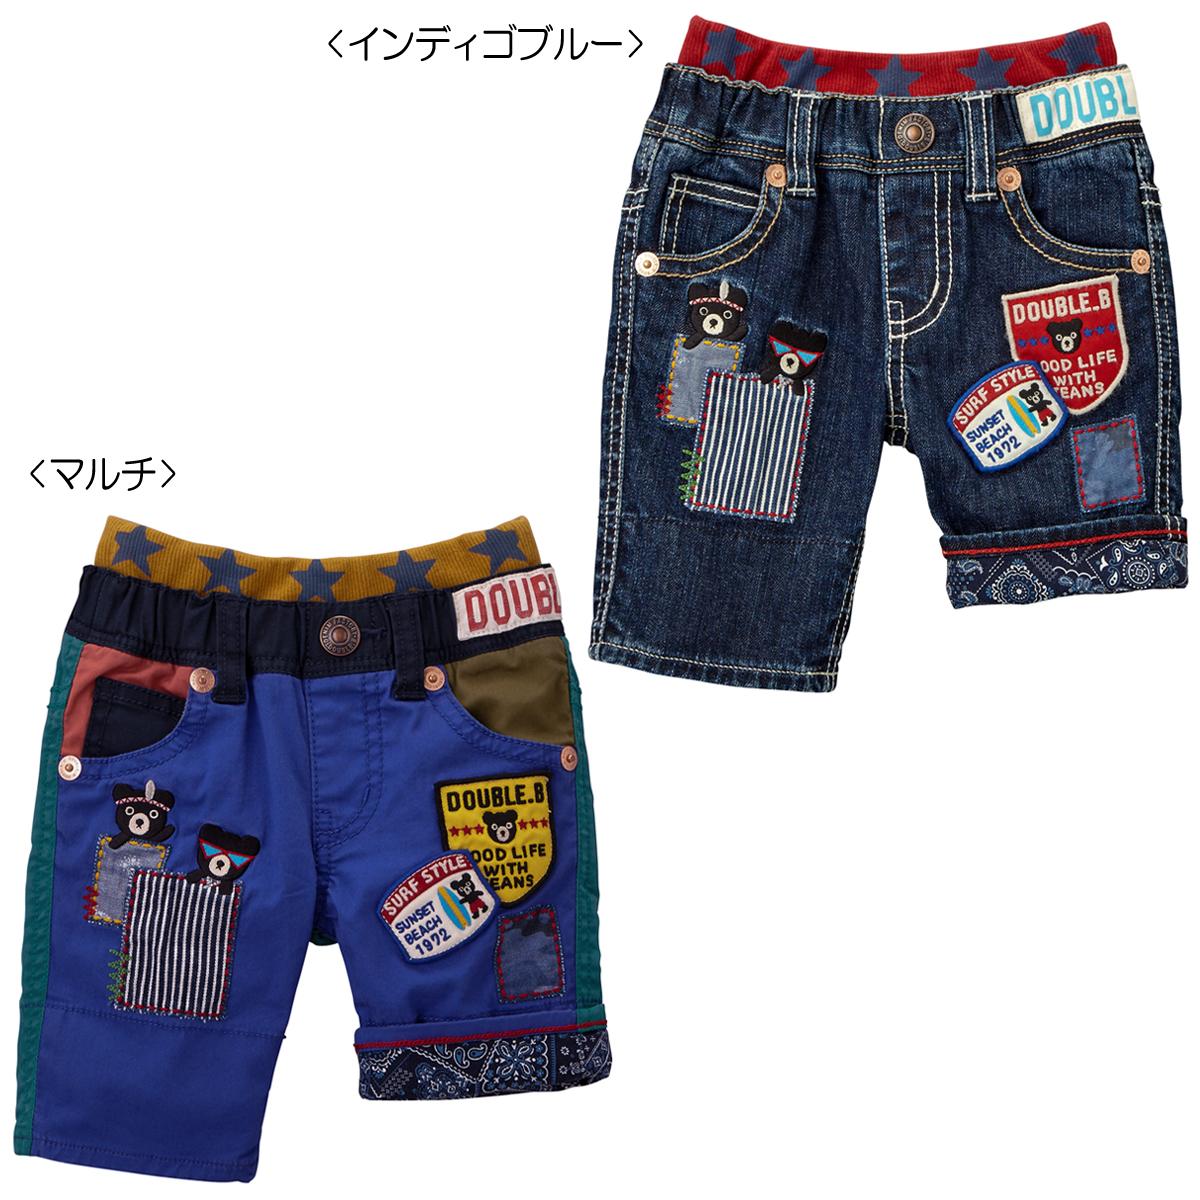 【30%OFF】【ダブルB】裾裏ペイズリー柄☆豪華ワッペンの7分丈パンツ(90cm)